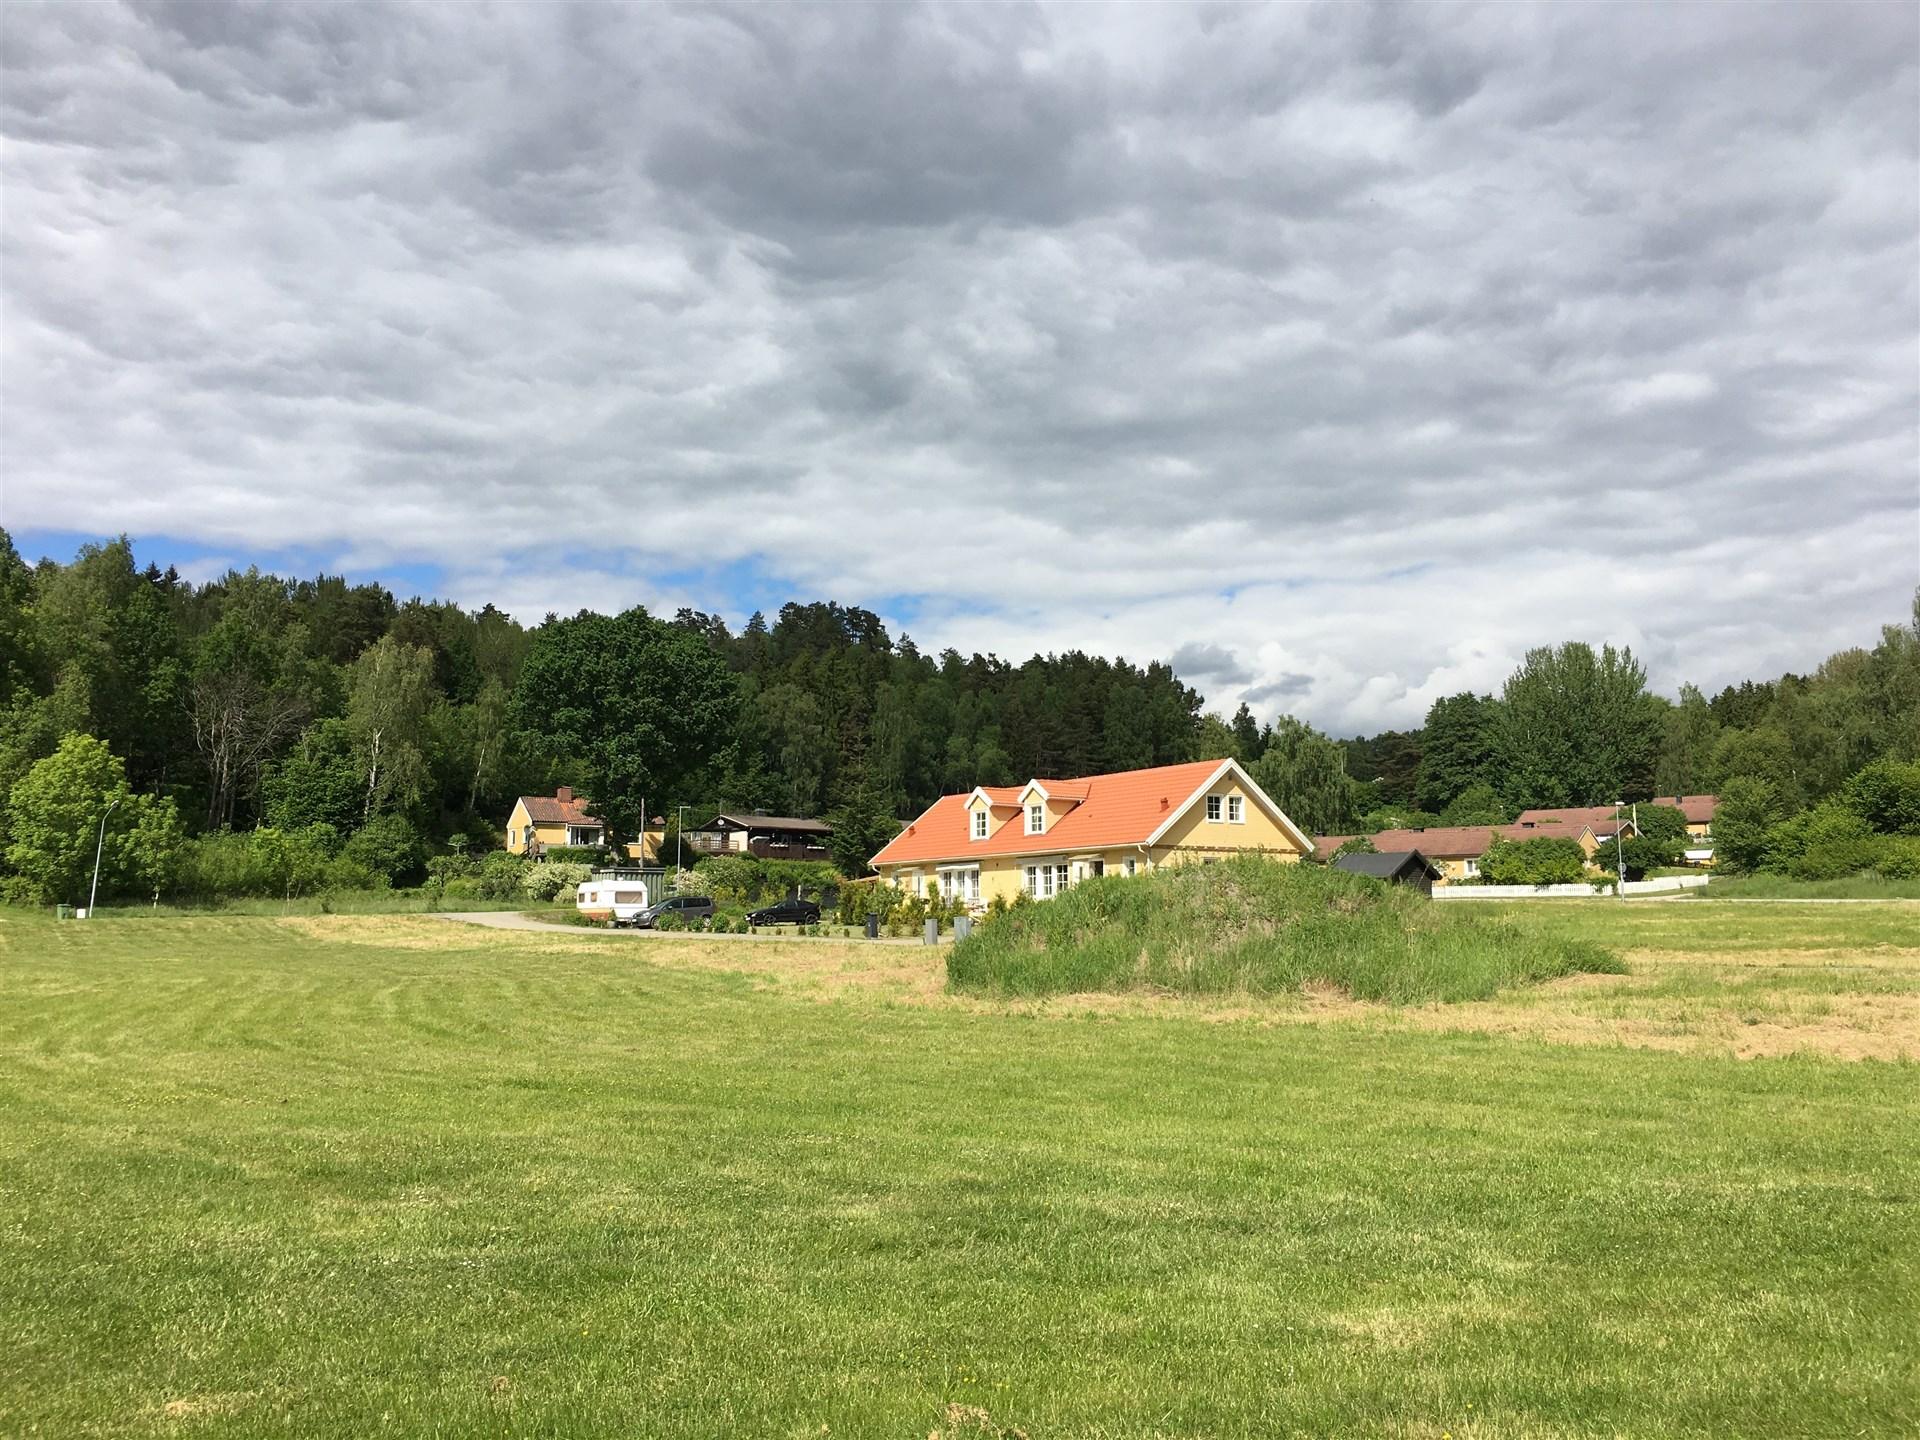 Områdesbild från blivande Brf Vika Strand före produktionsstart